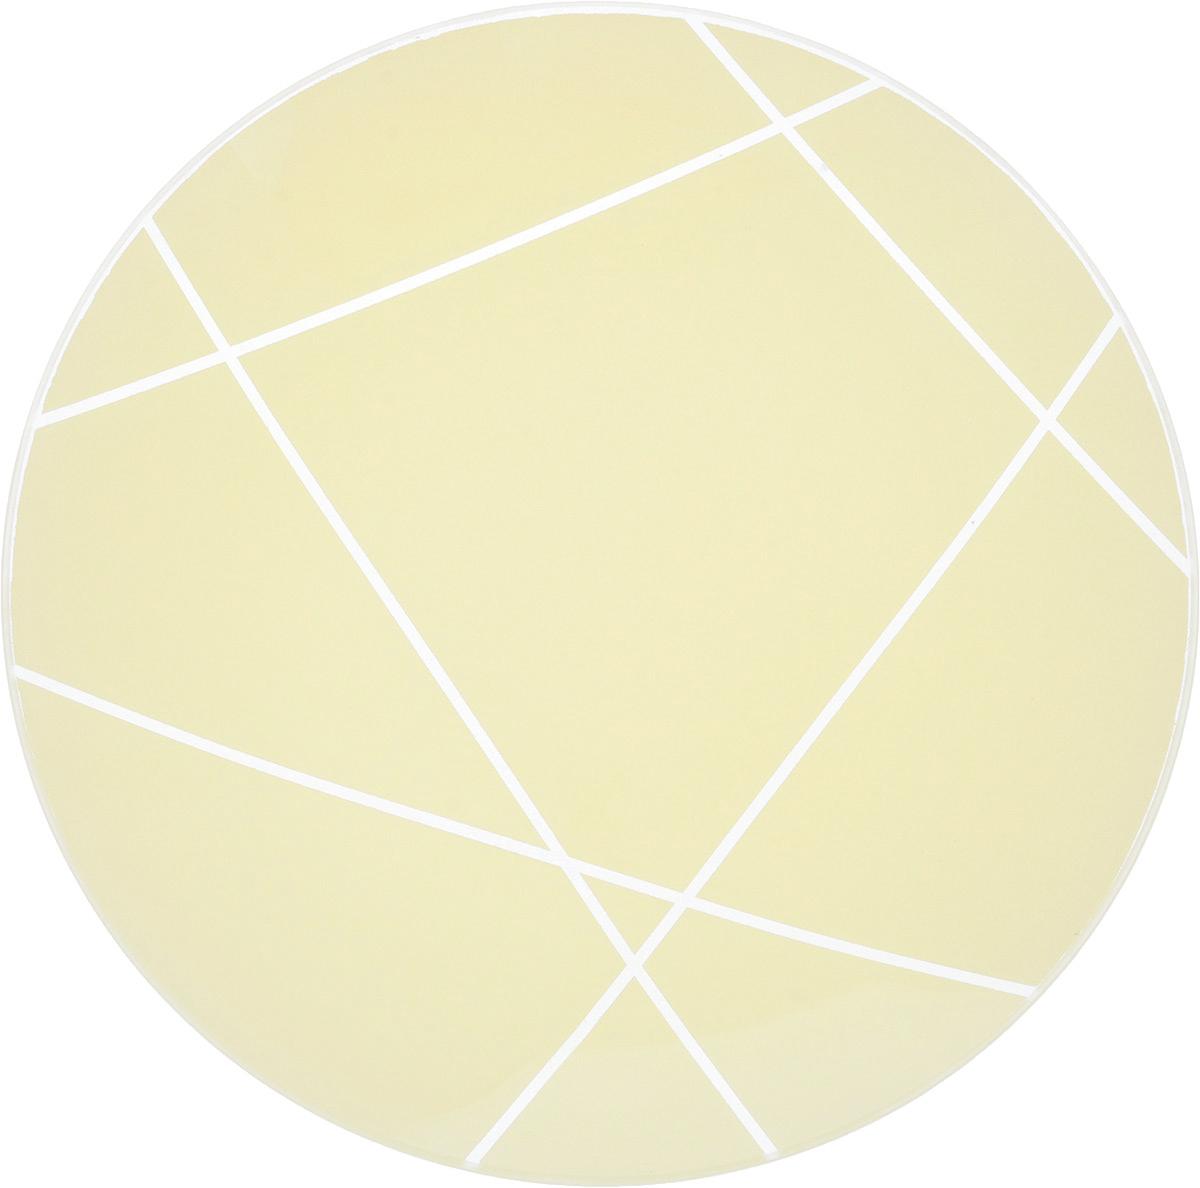 Тарелка NiNaGlass Контур, цвет: молочный, диаметр 20 смVT-1520(SR)Круглая тарелка NiNaGlass Контур, изготовленная из стекла, декорирована оригинальным рисунком. Она не только украсит сервировку вашего стола и подчеркнет прекрасный вкус хозяйки, но и станет отличным подарком. Диаметр: 20 см. Высота: 3 см.